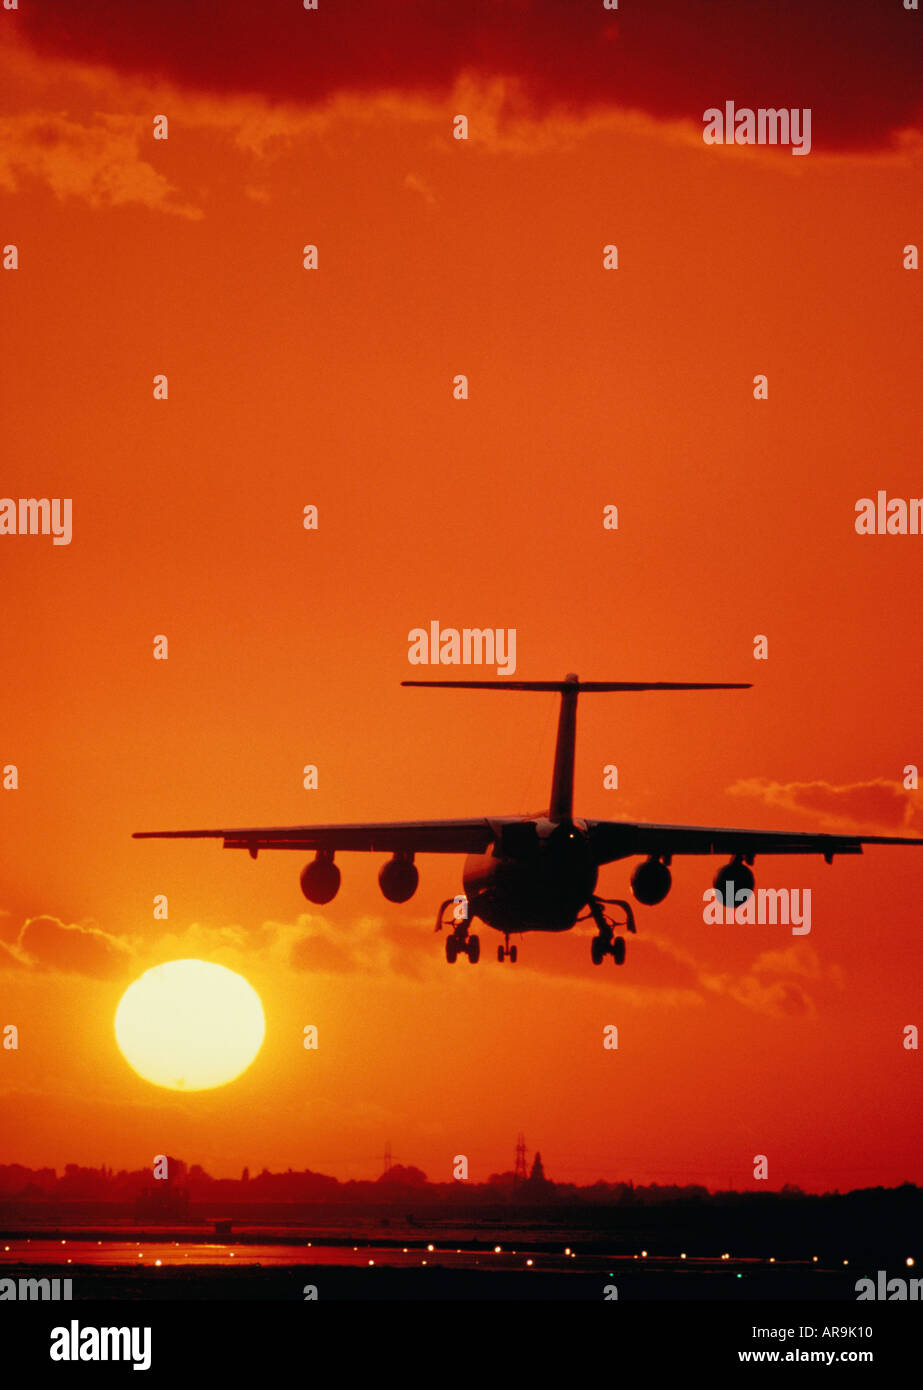 BAE Avro Regional Jet RJ 146 flying runway lights heading into an golden orange sky at sunset sunrise dusk showing jet - Stock Image